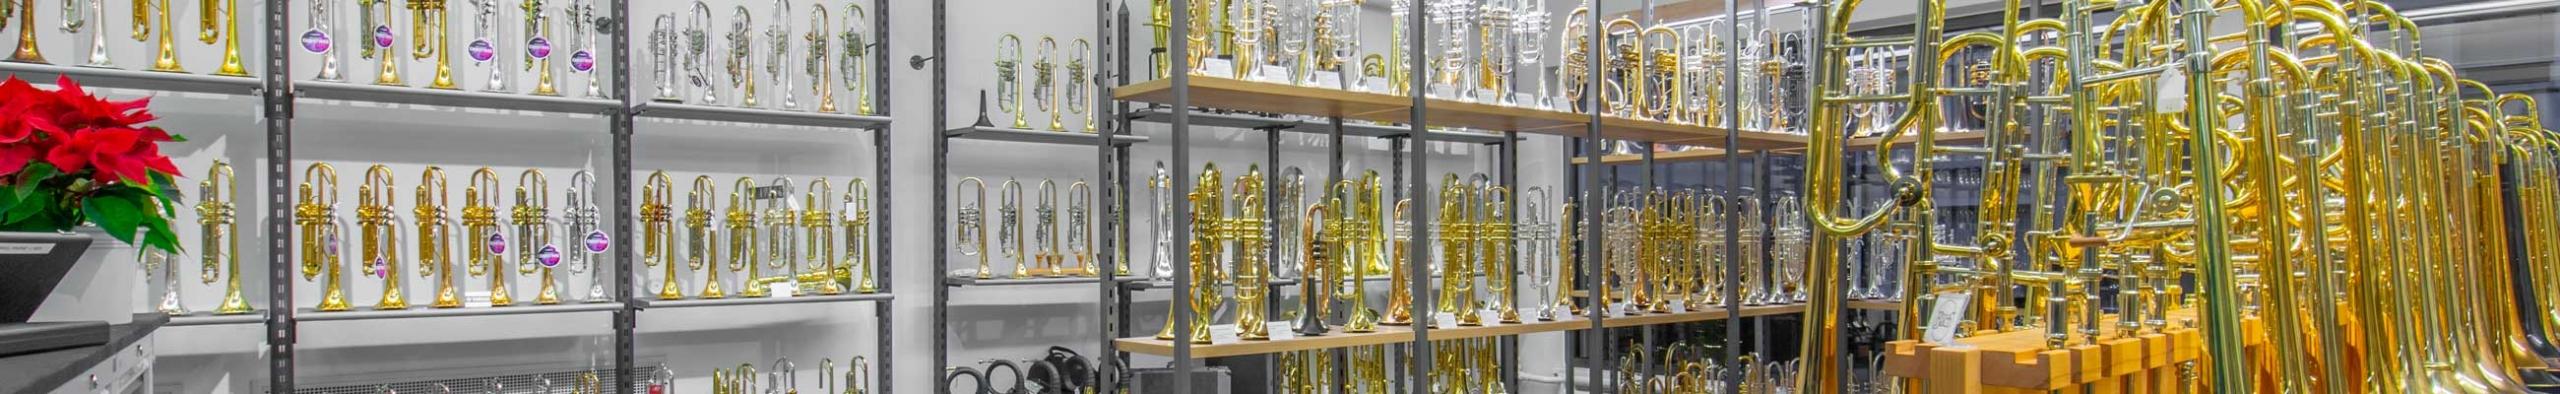 Musikinstrumente größte Auswahl